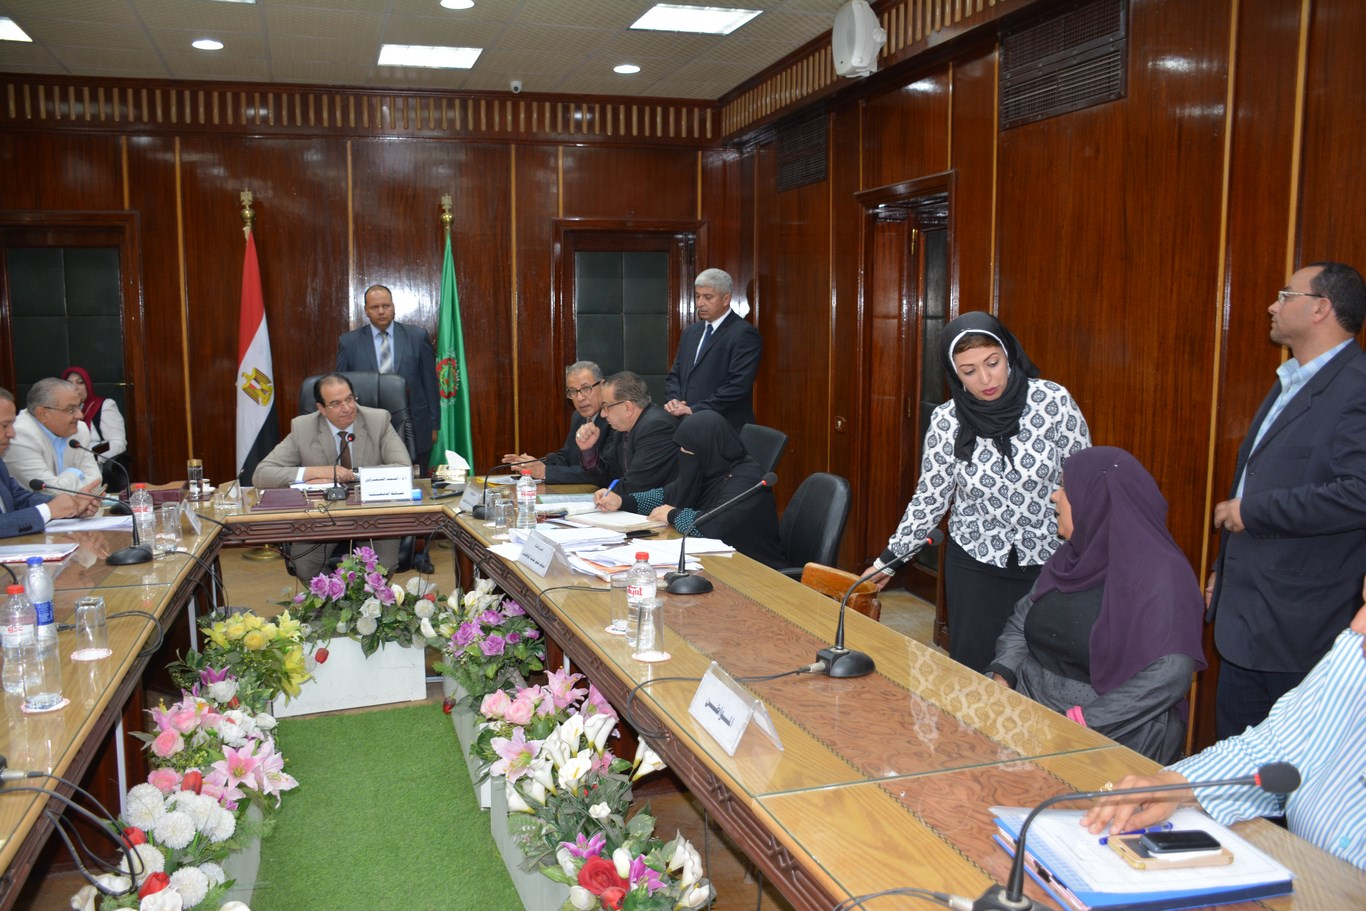 لقاء المحافظ بأعضاء الجهاز التنفيذي بالمحافظة (12)